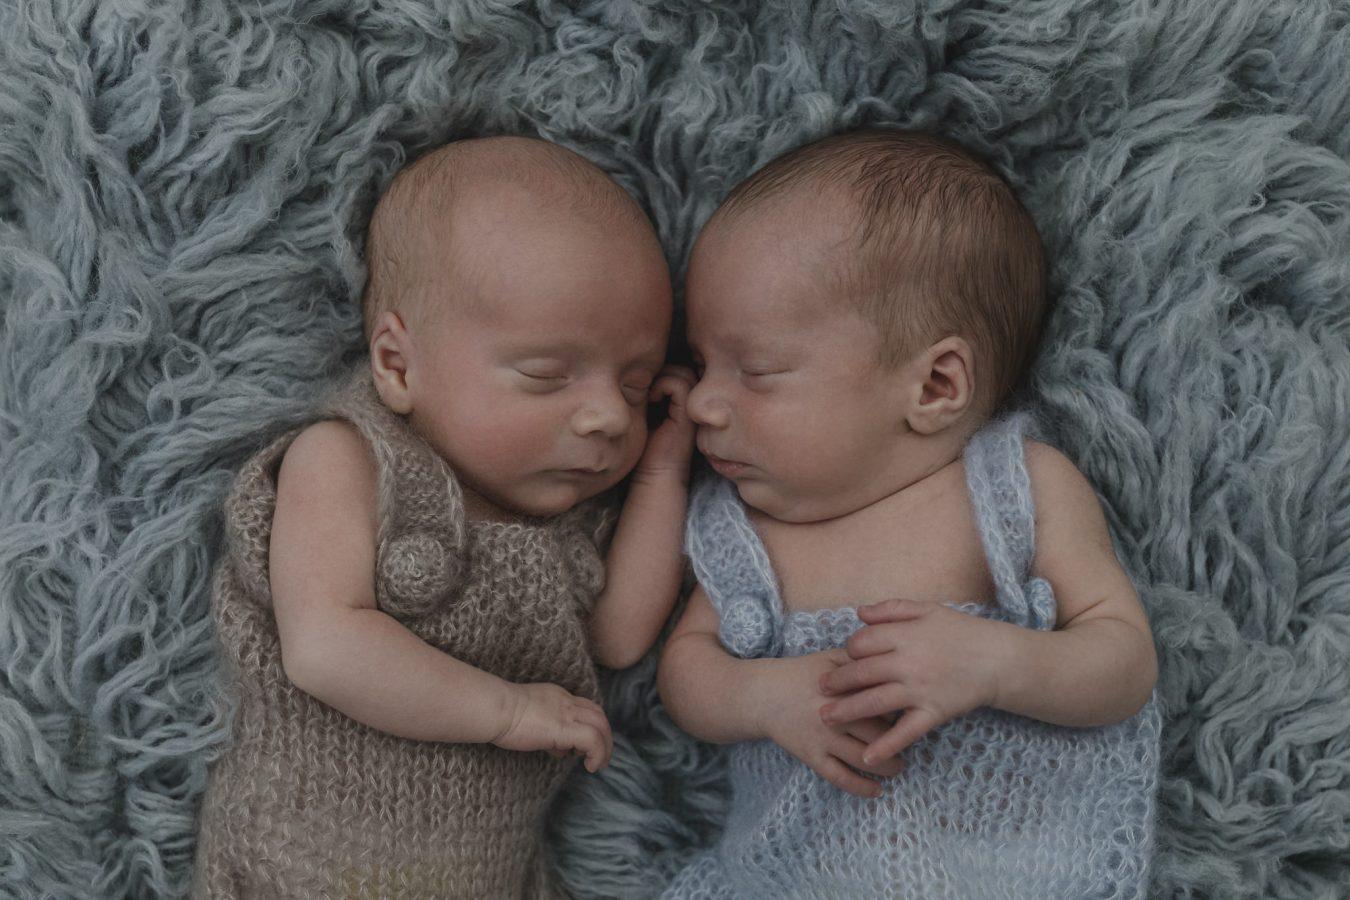 Babyfotograf Hamburg - Zwillinge liegen nebeneinander auf blauem Flokati